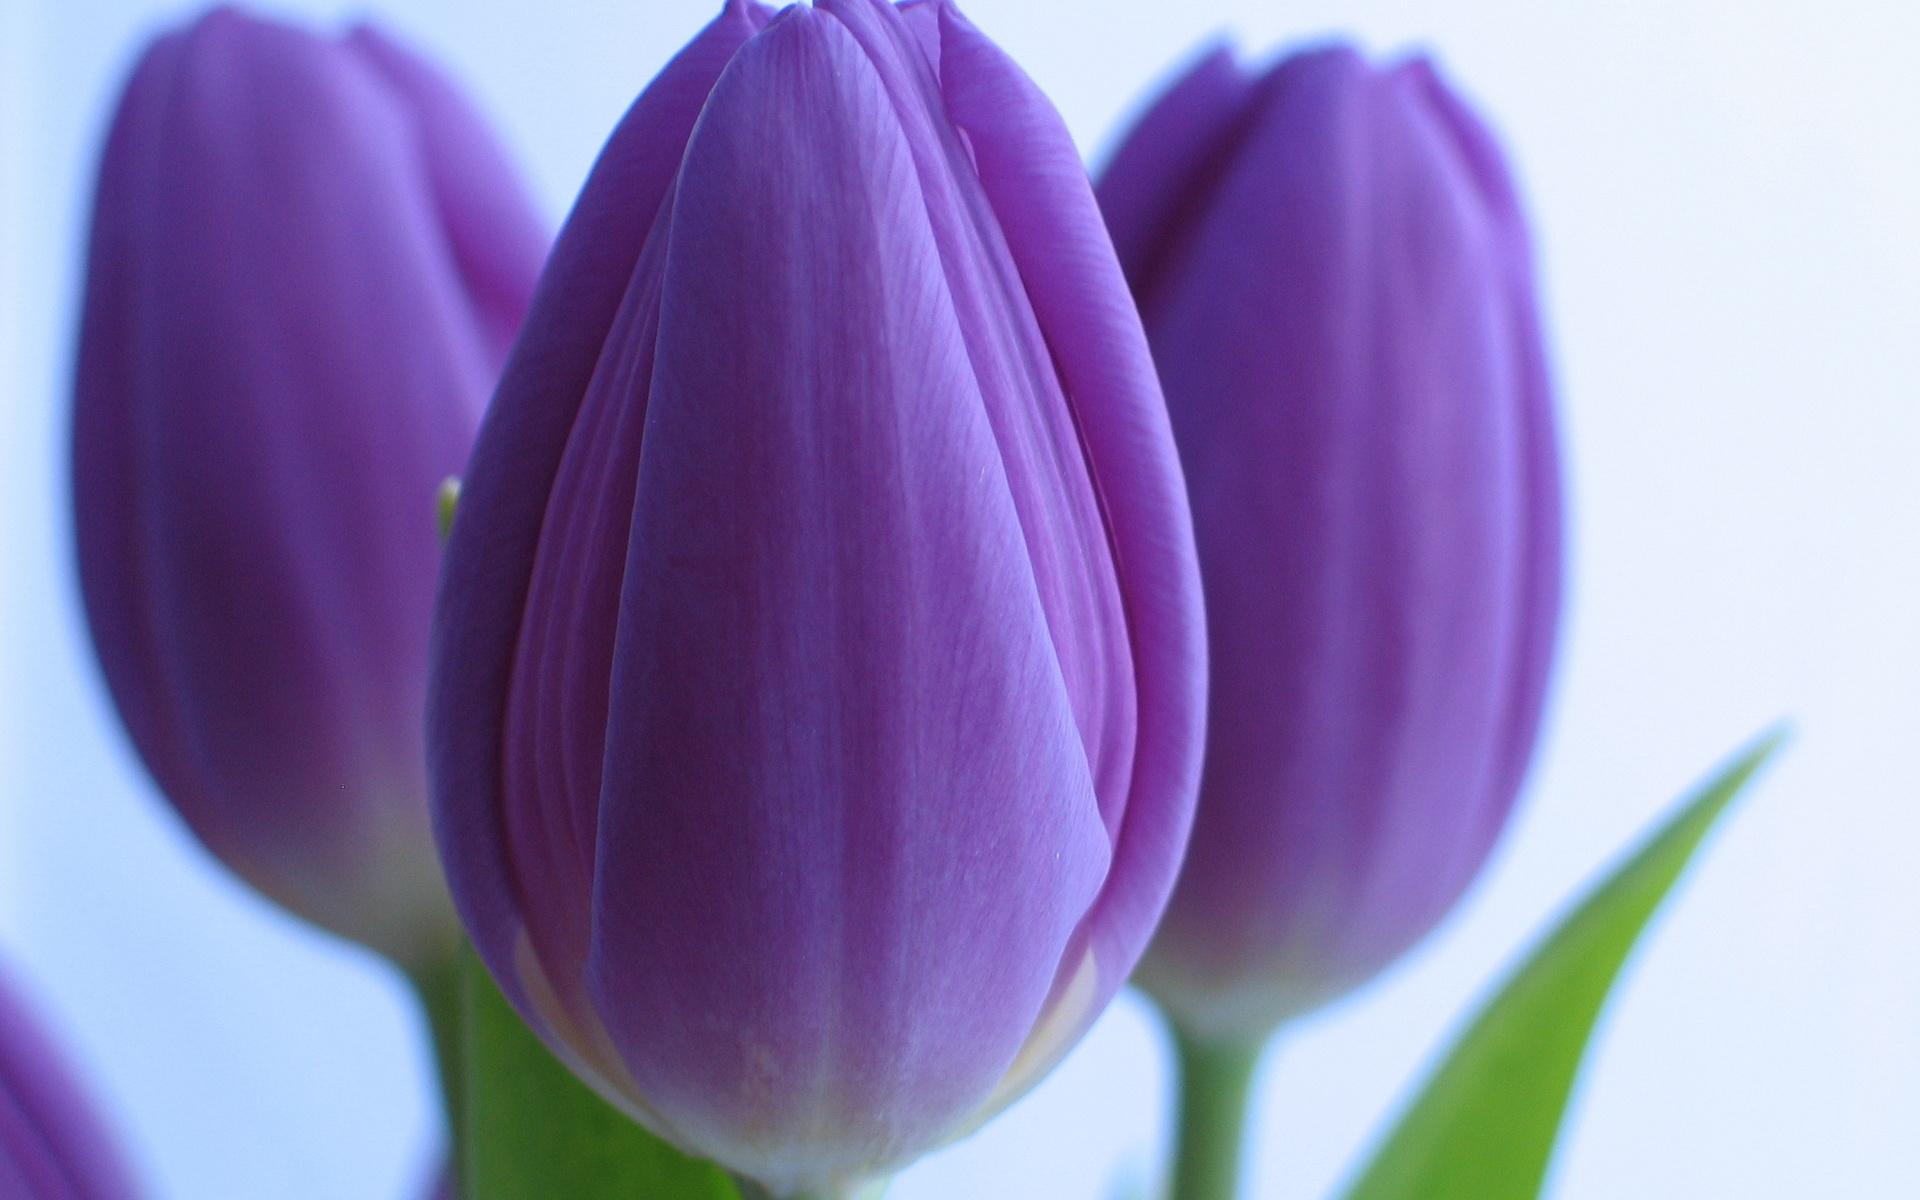 условно стихи фиолетовые тюльпаны подскажем, чего